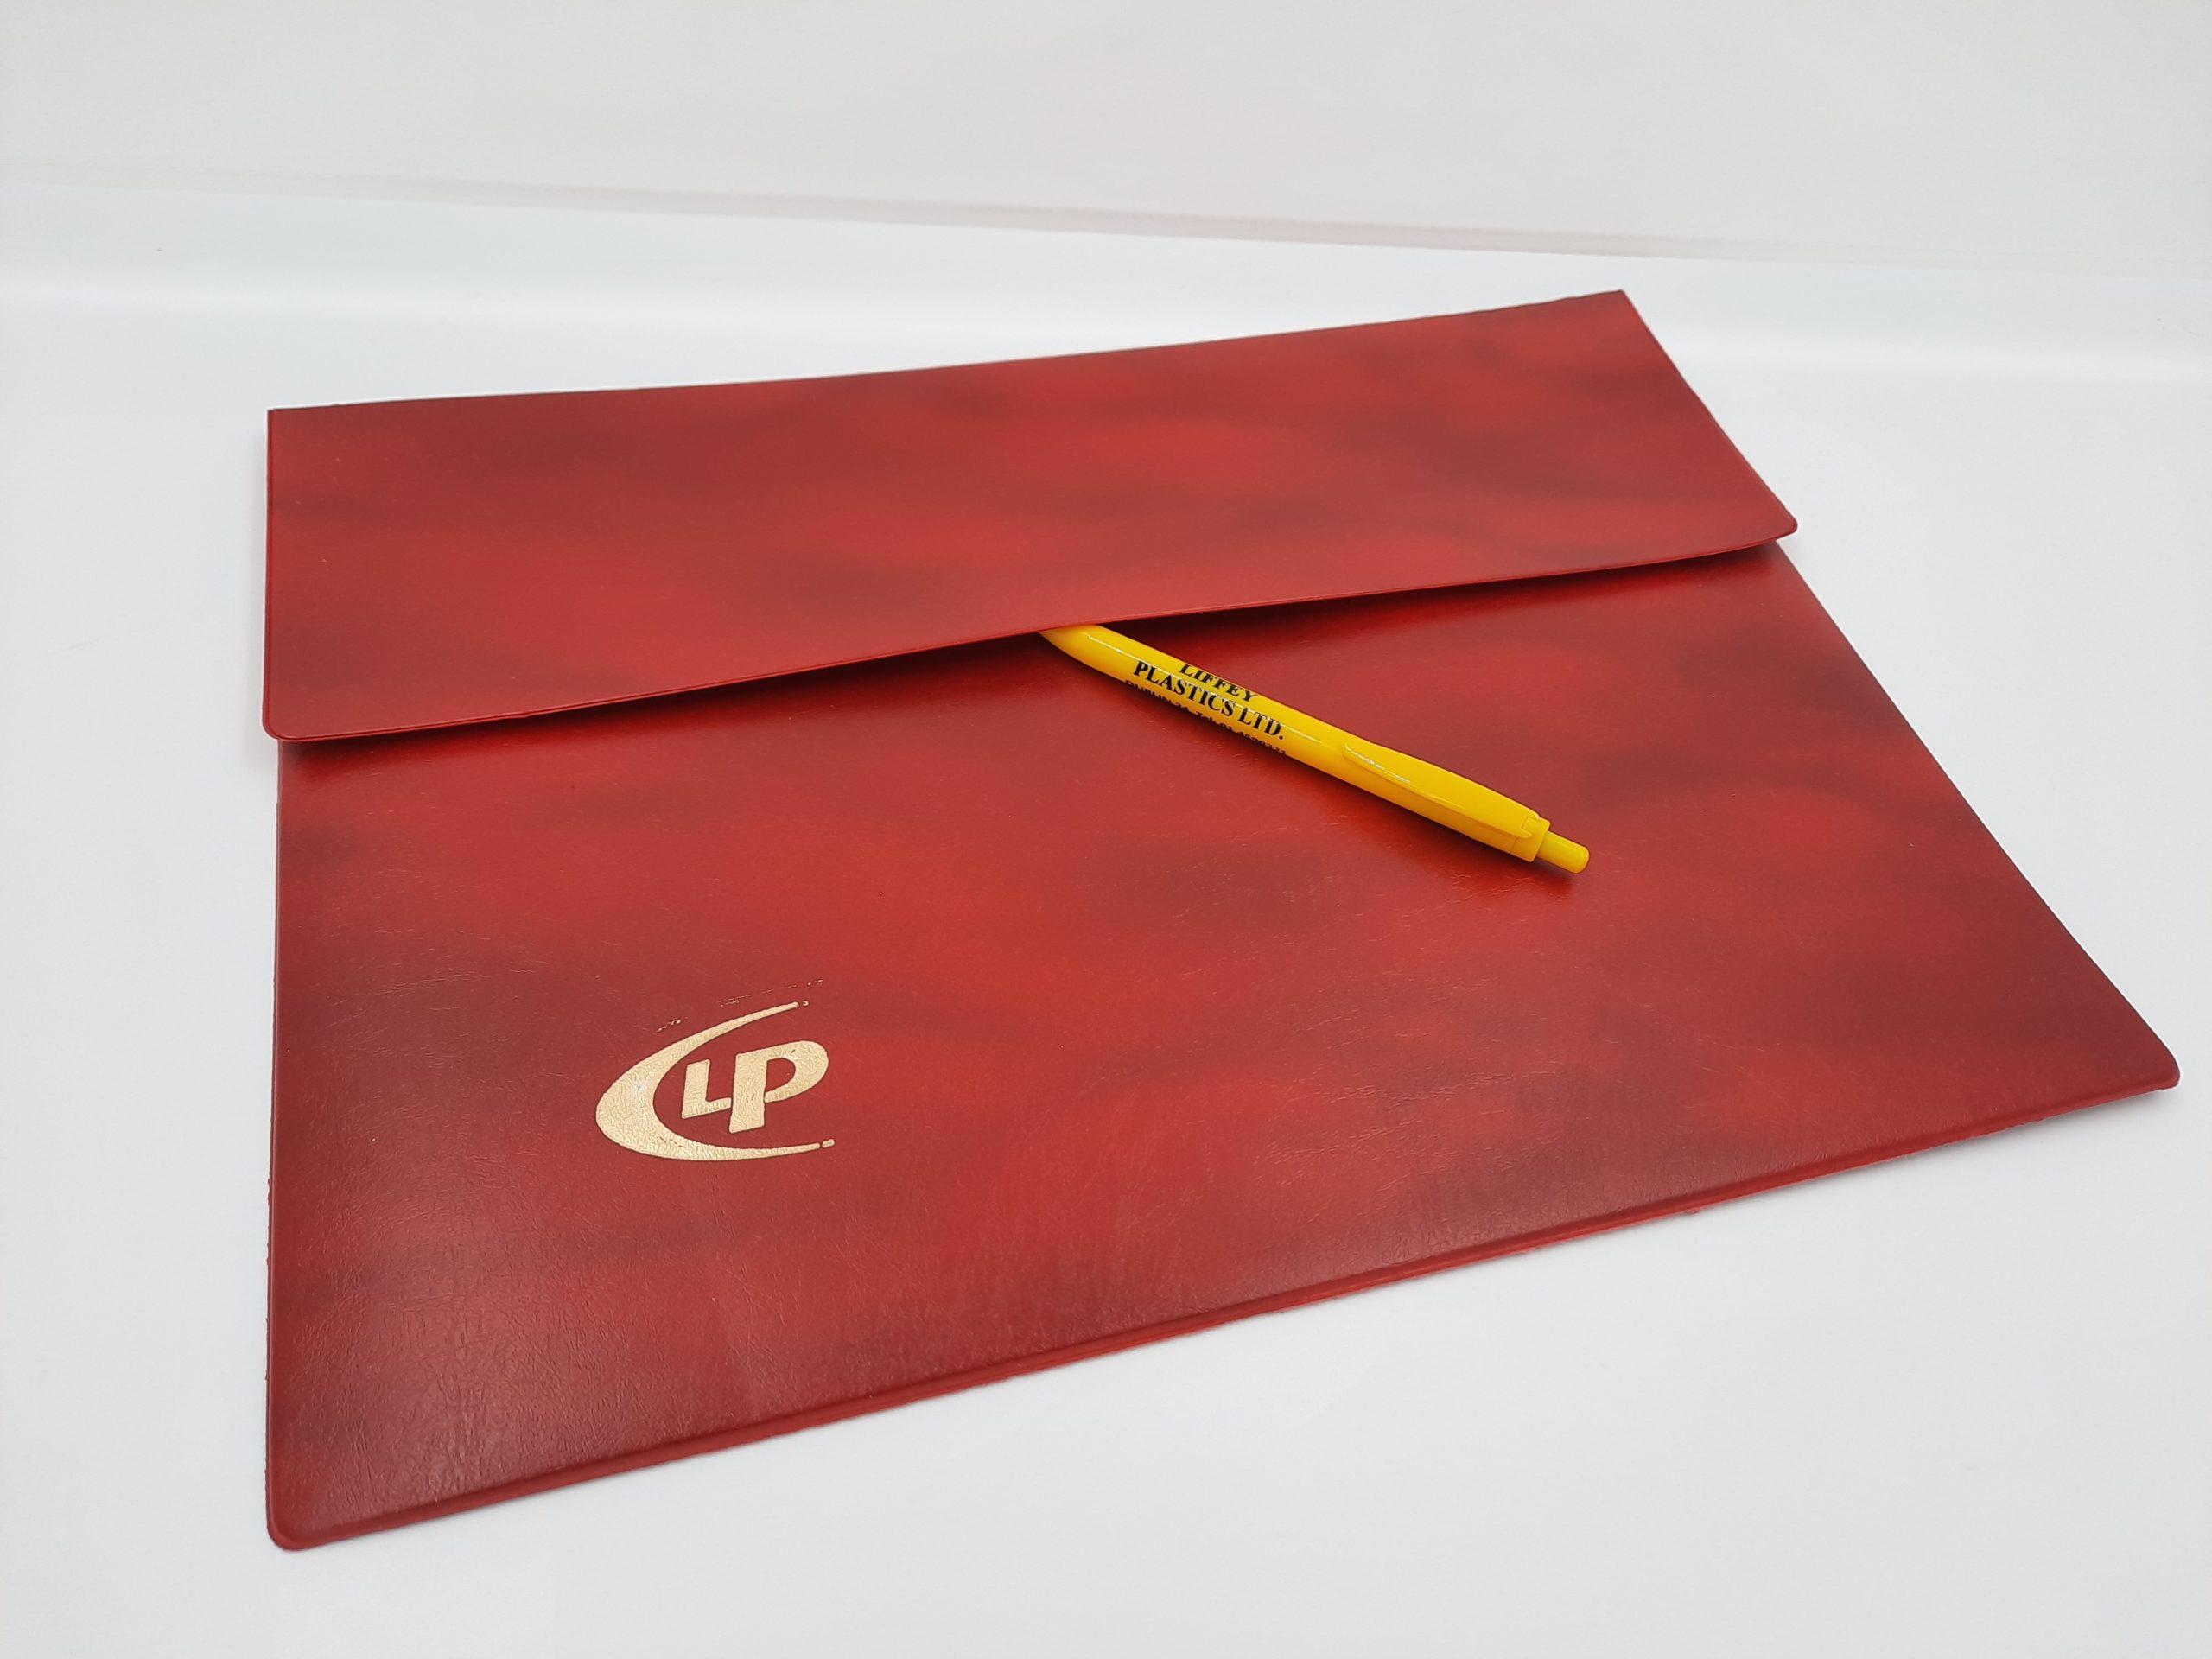 satchel and pen